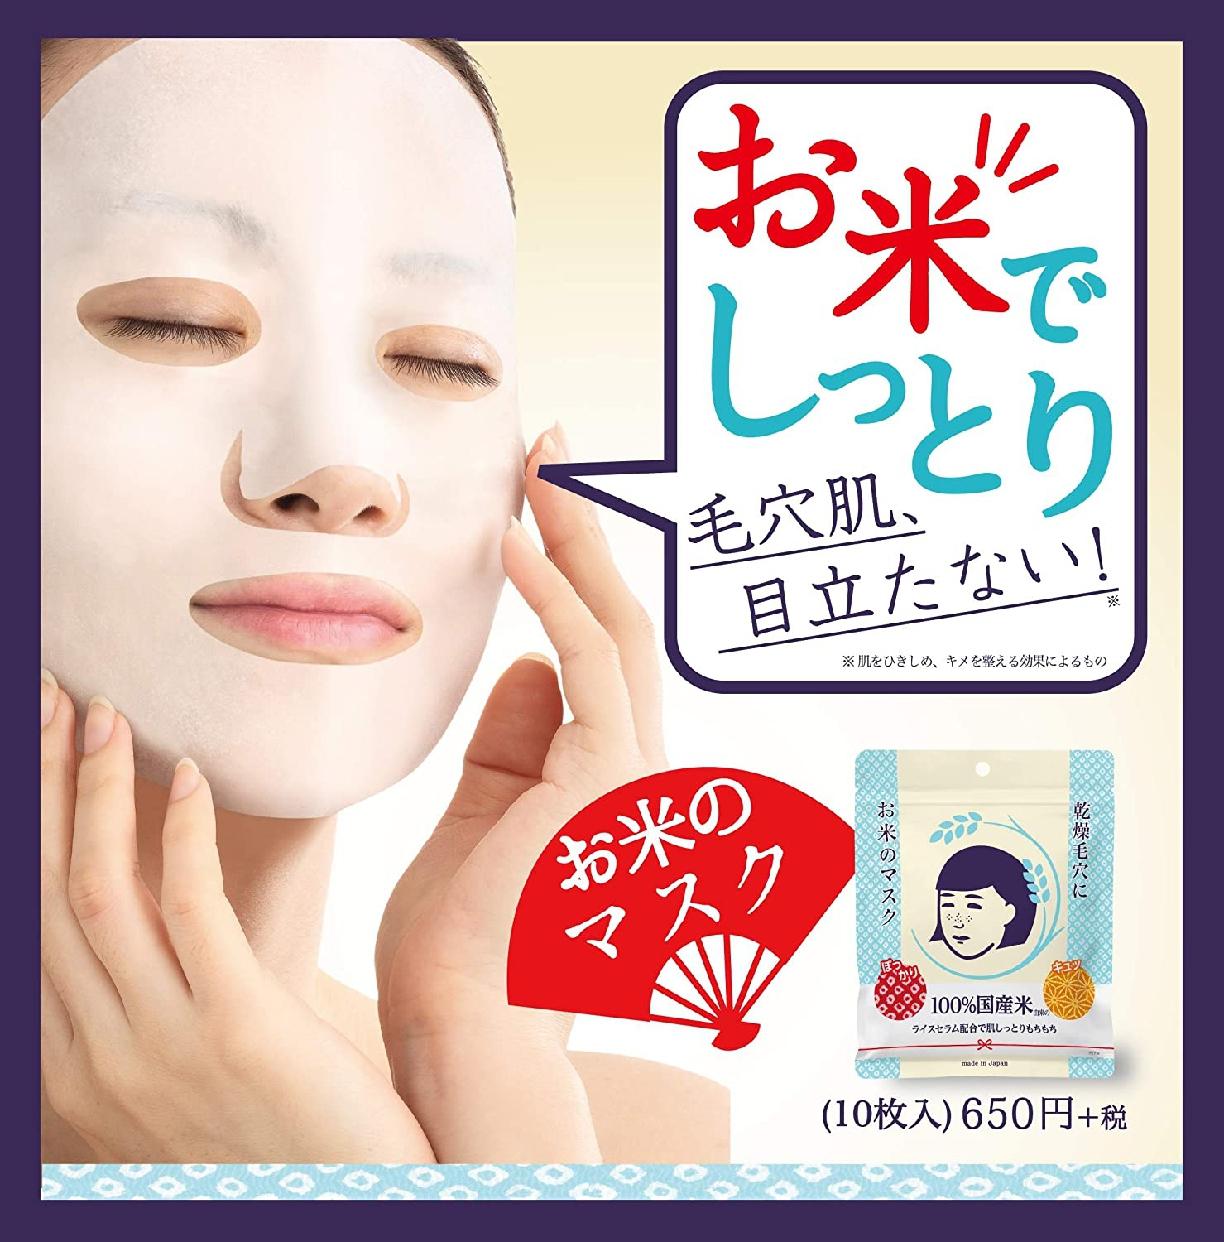 毛穴撫子(ケアナナデシコ) お米のマスク <シートマスク>の商品画像8